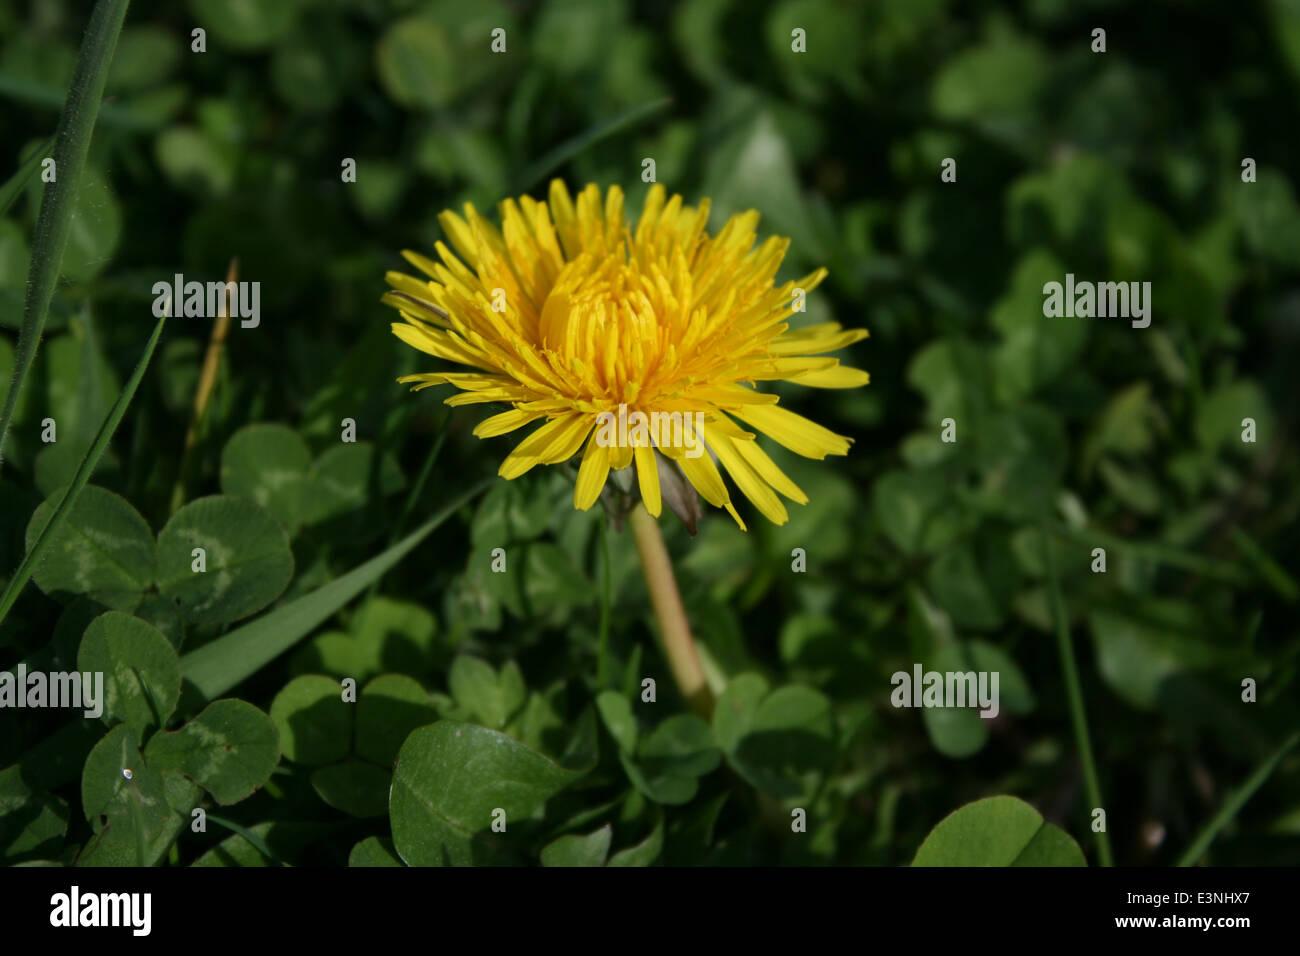 Löwenzahn gelb - Stock Image